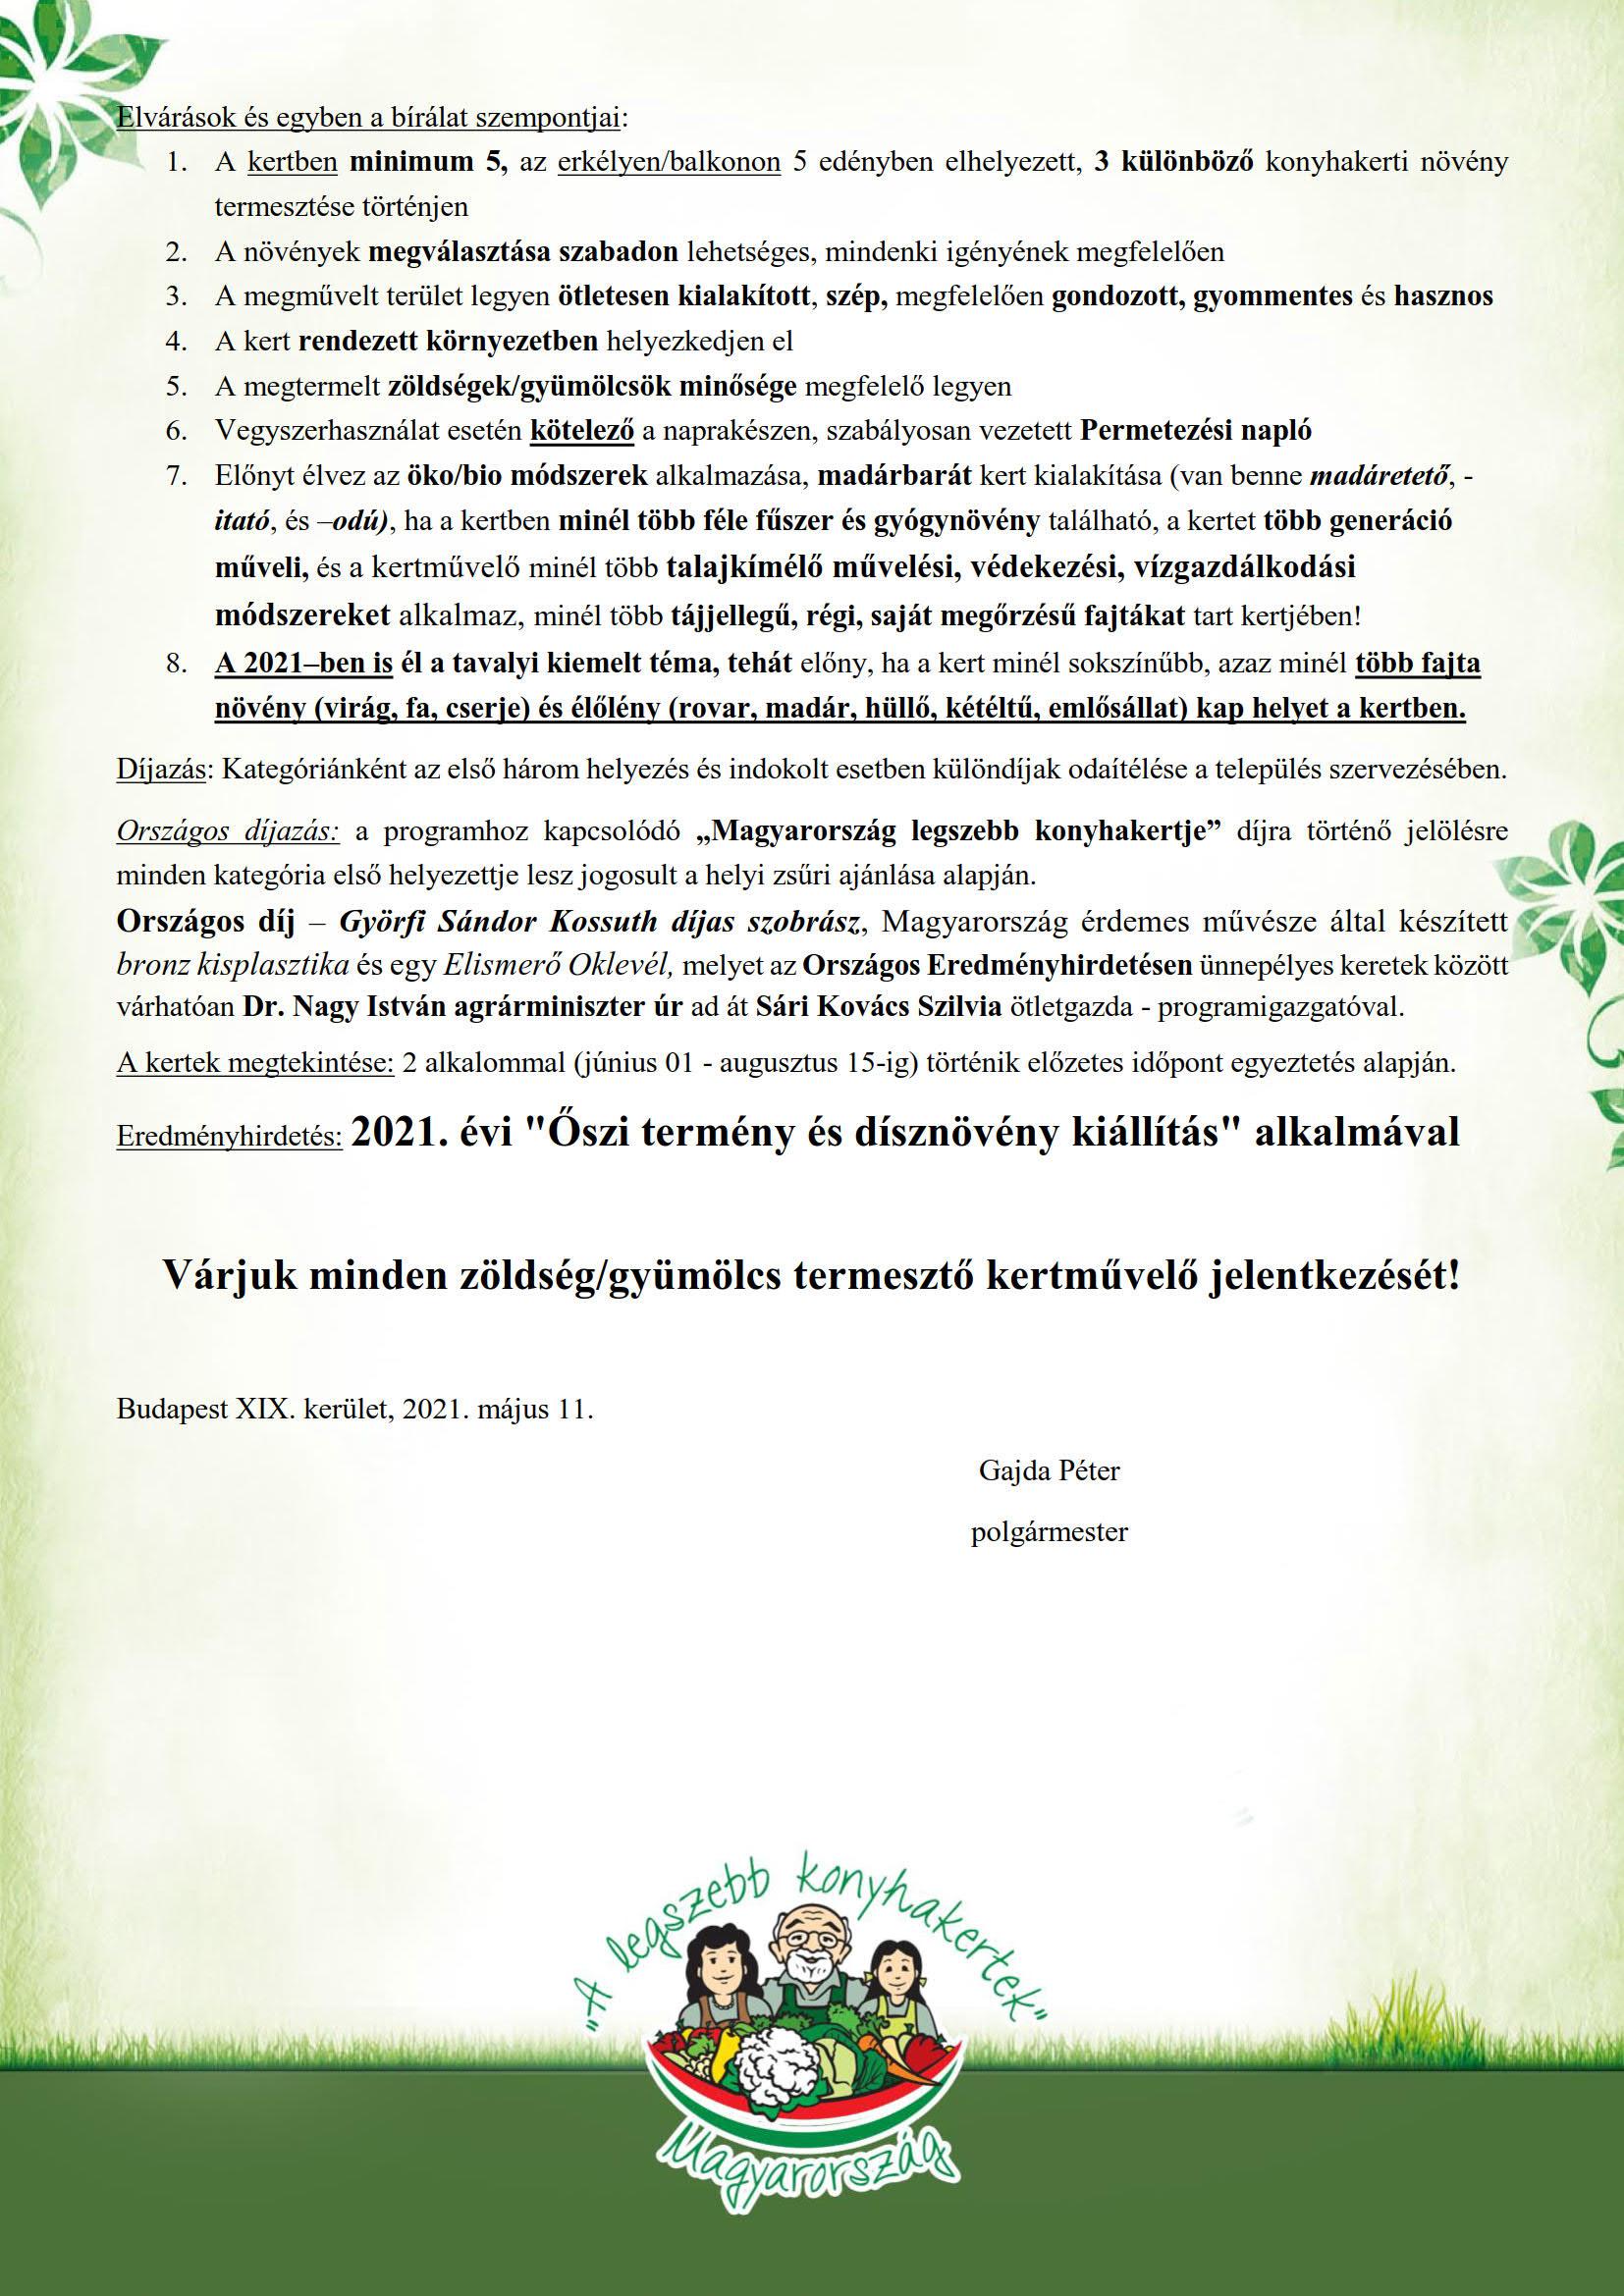 legszebb-konyhakertek2021-plakat02